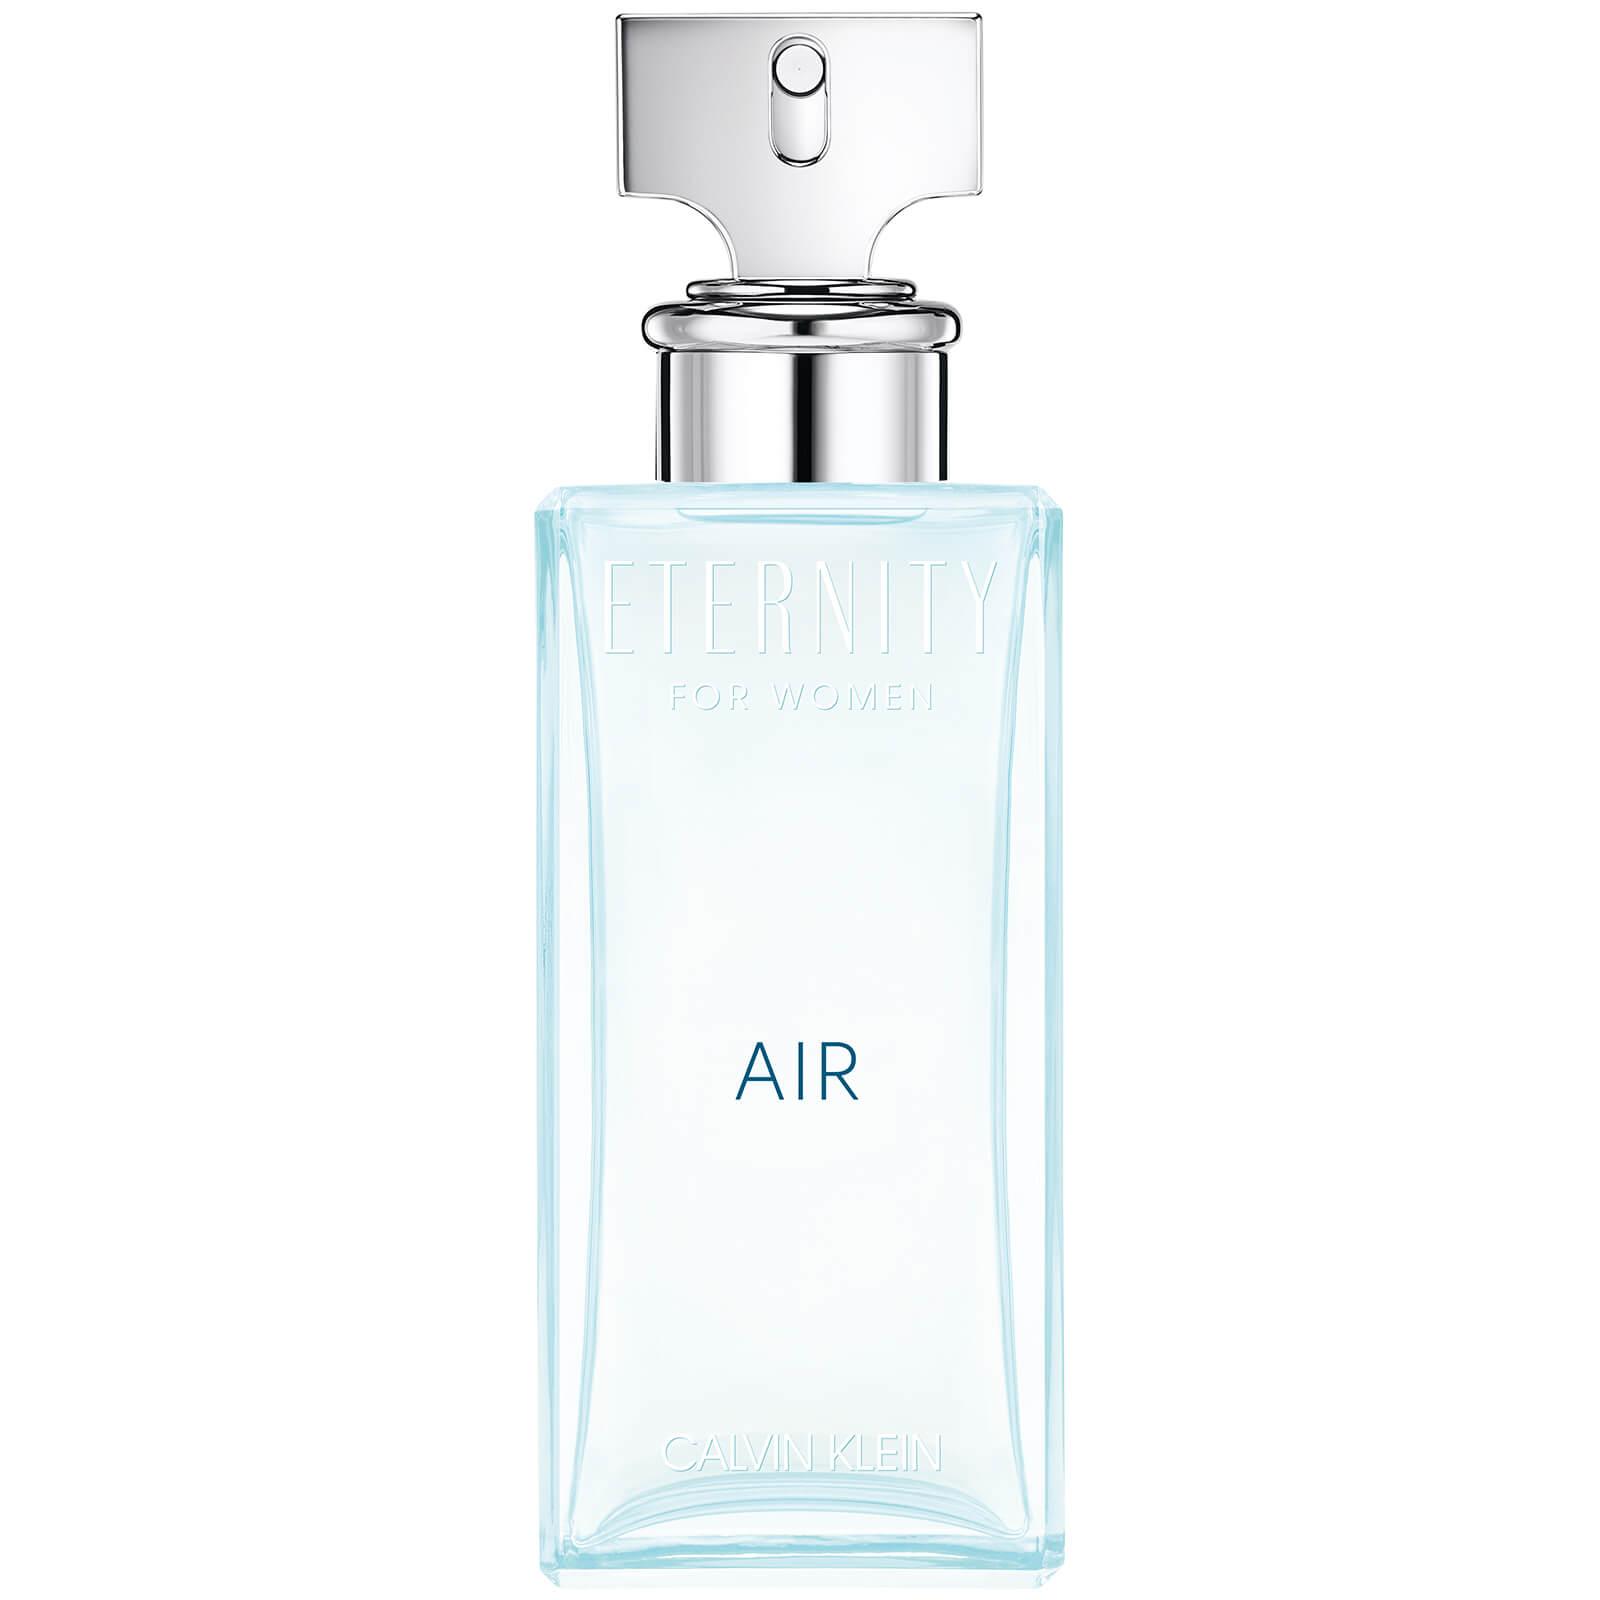 Calvin Klein Eternity Air For Woman Eau De Parfum 50ml Free